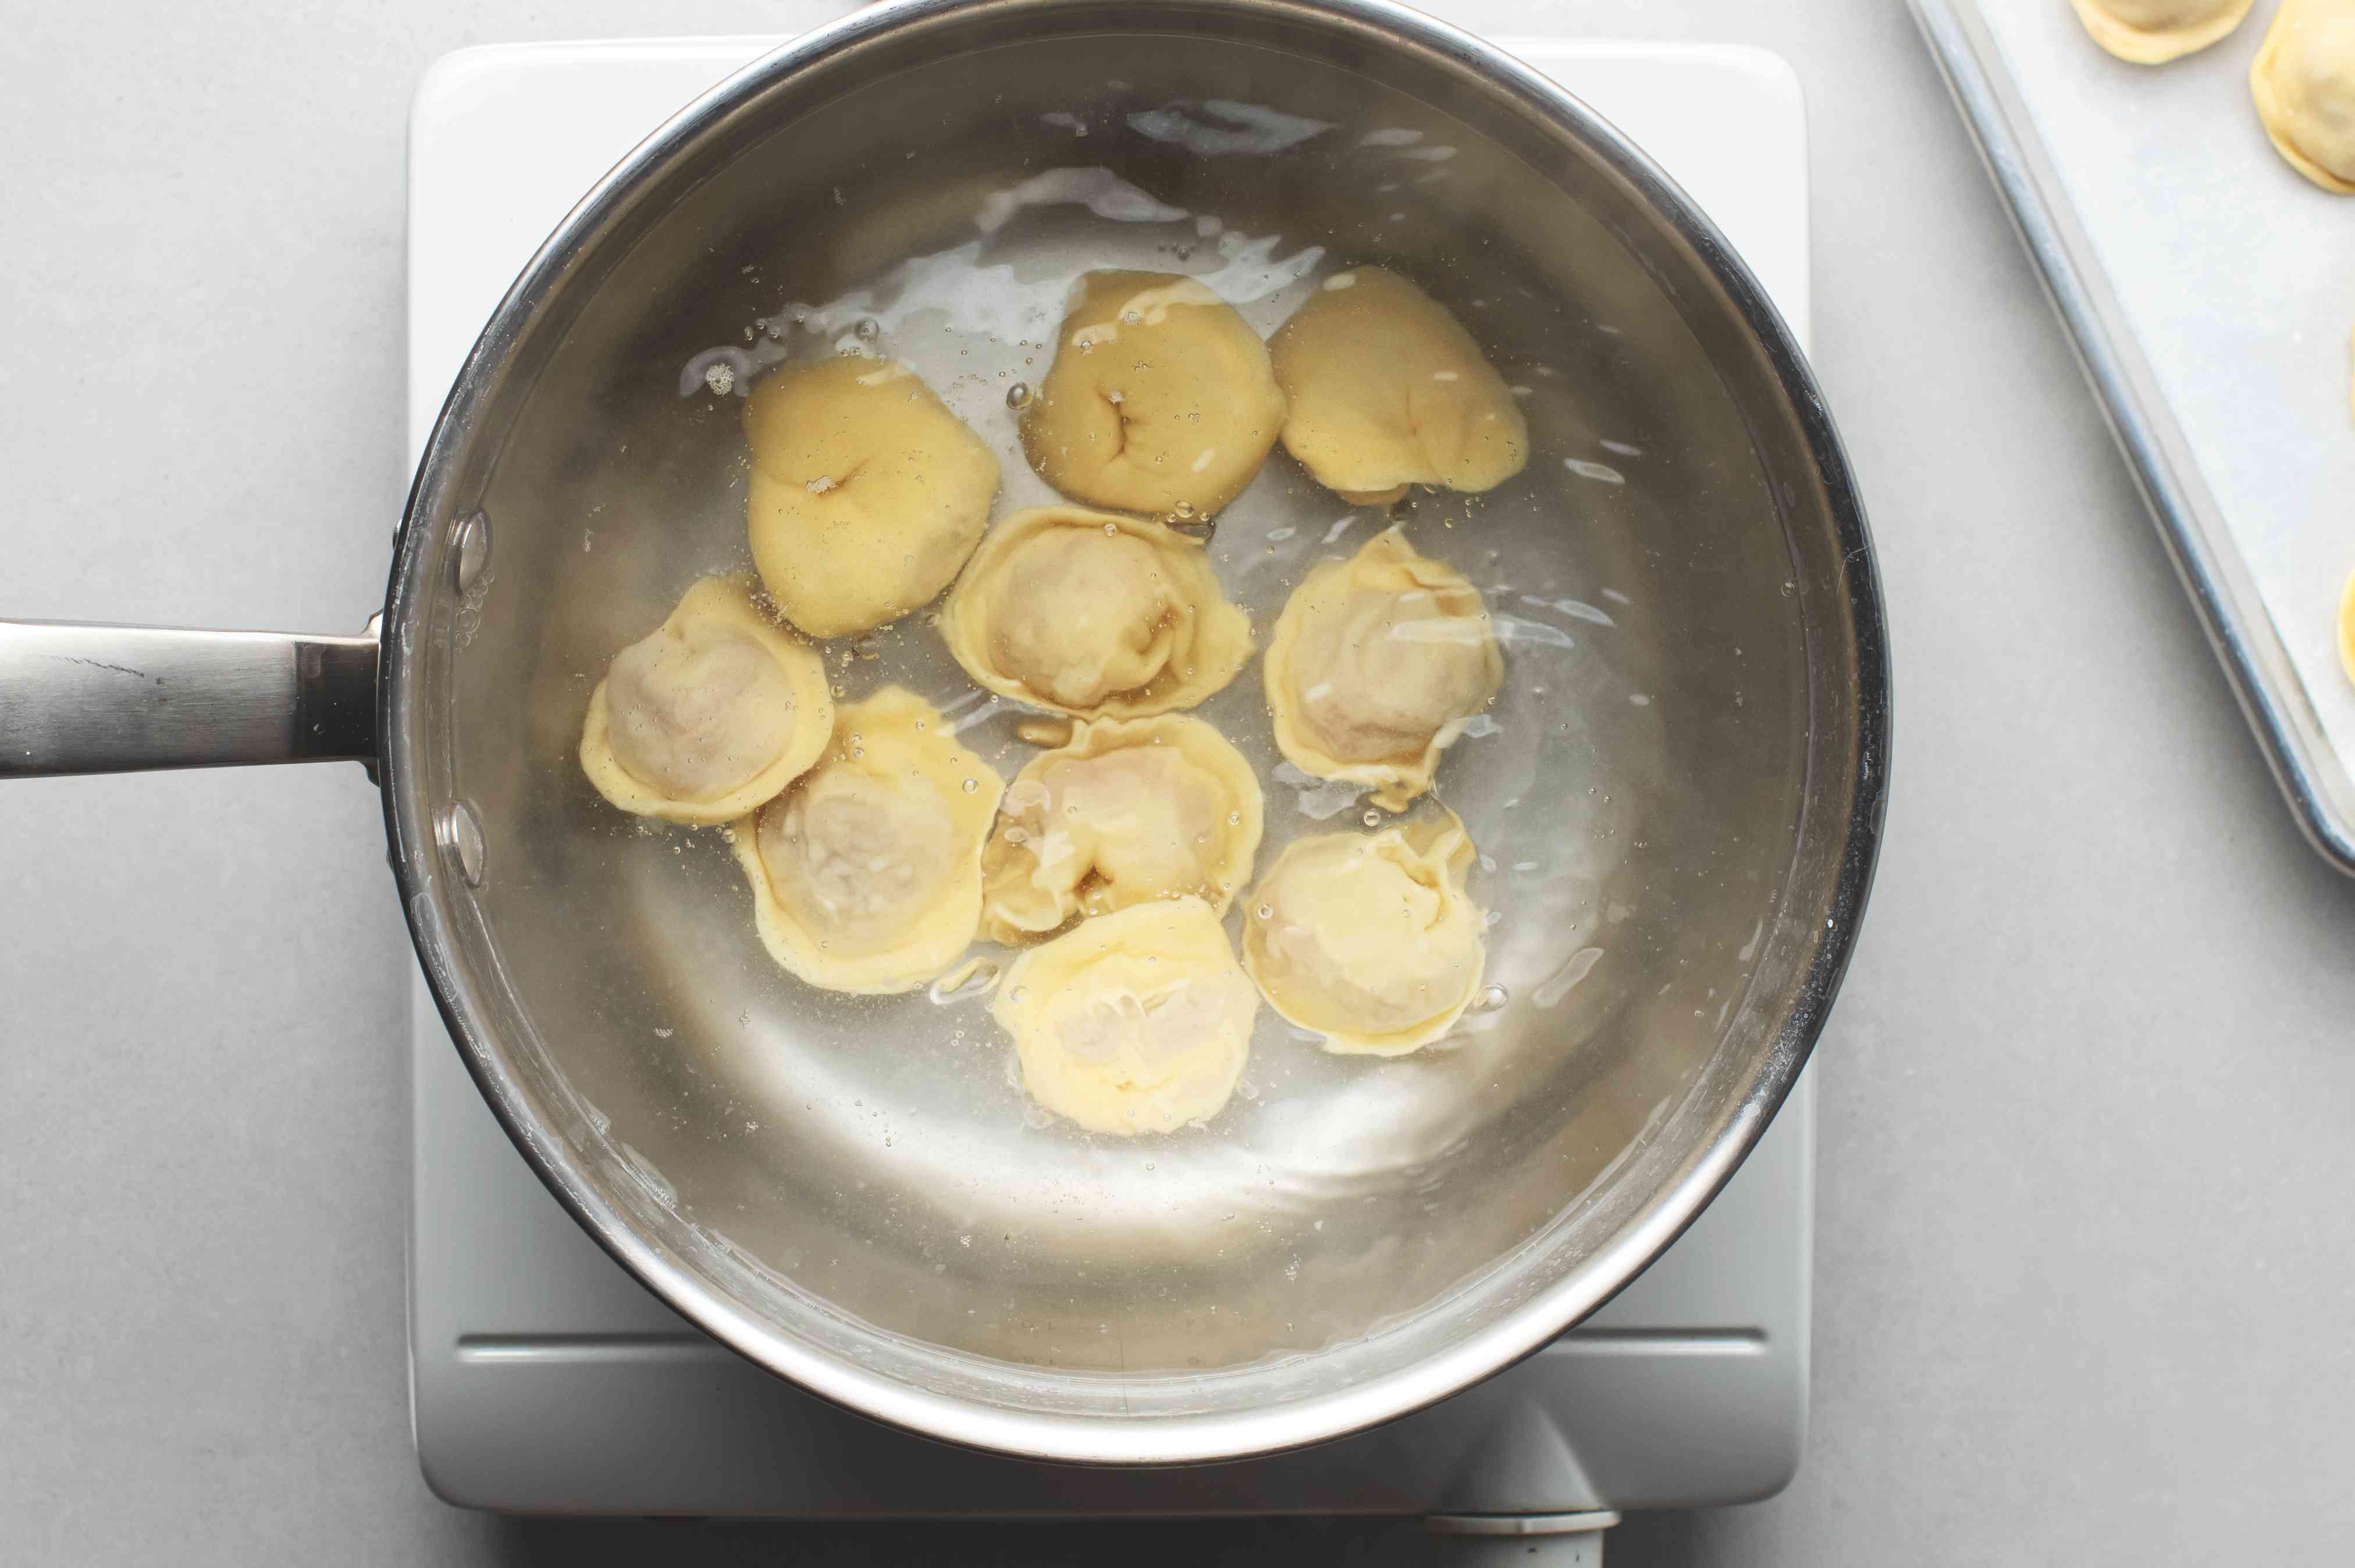 pelmeni cooking in pot of water